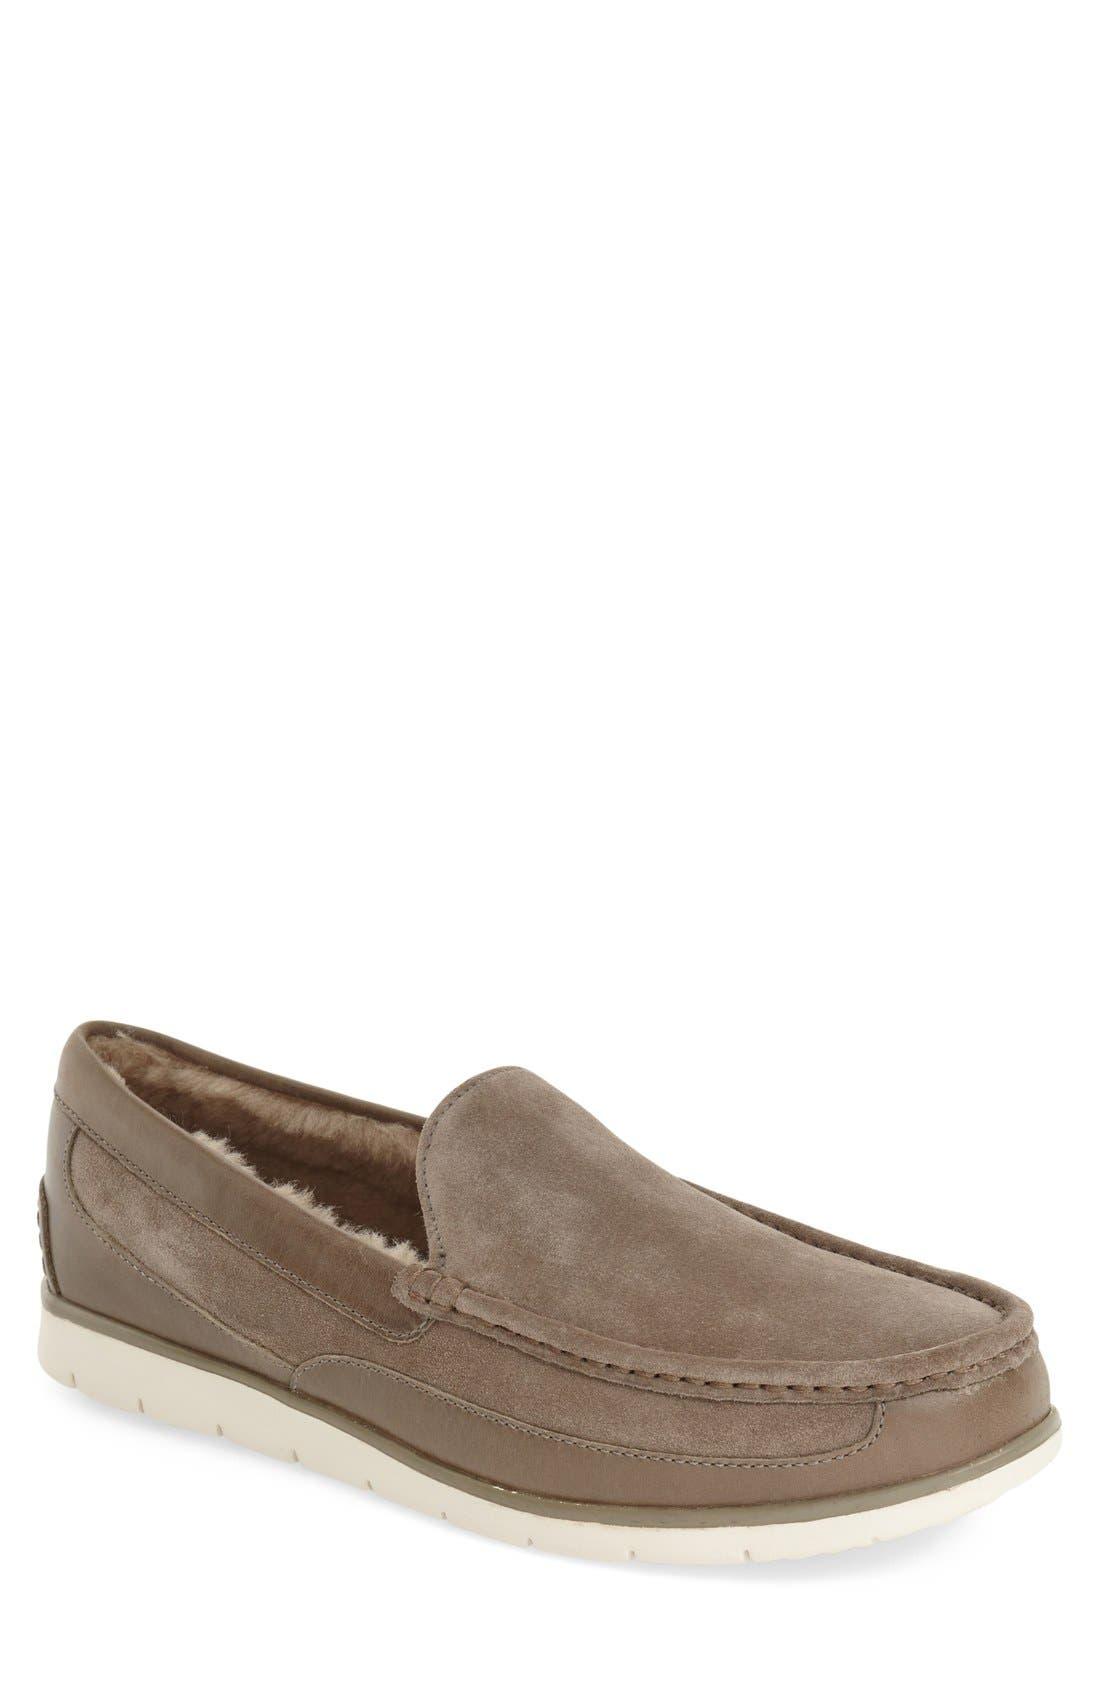 Alternate Image 1 Selected - UGG® Fascot Driving Shoe (Men)